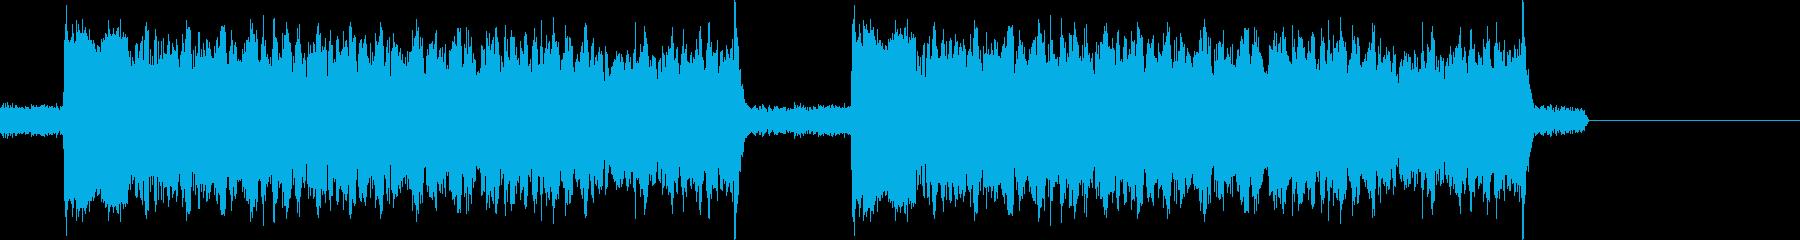 研削盤-空気圧-モダン-長いシーケ...の再生済みの波形